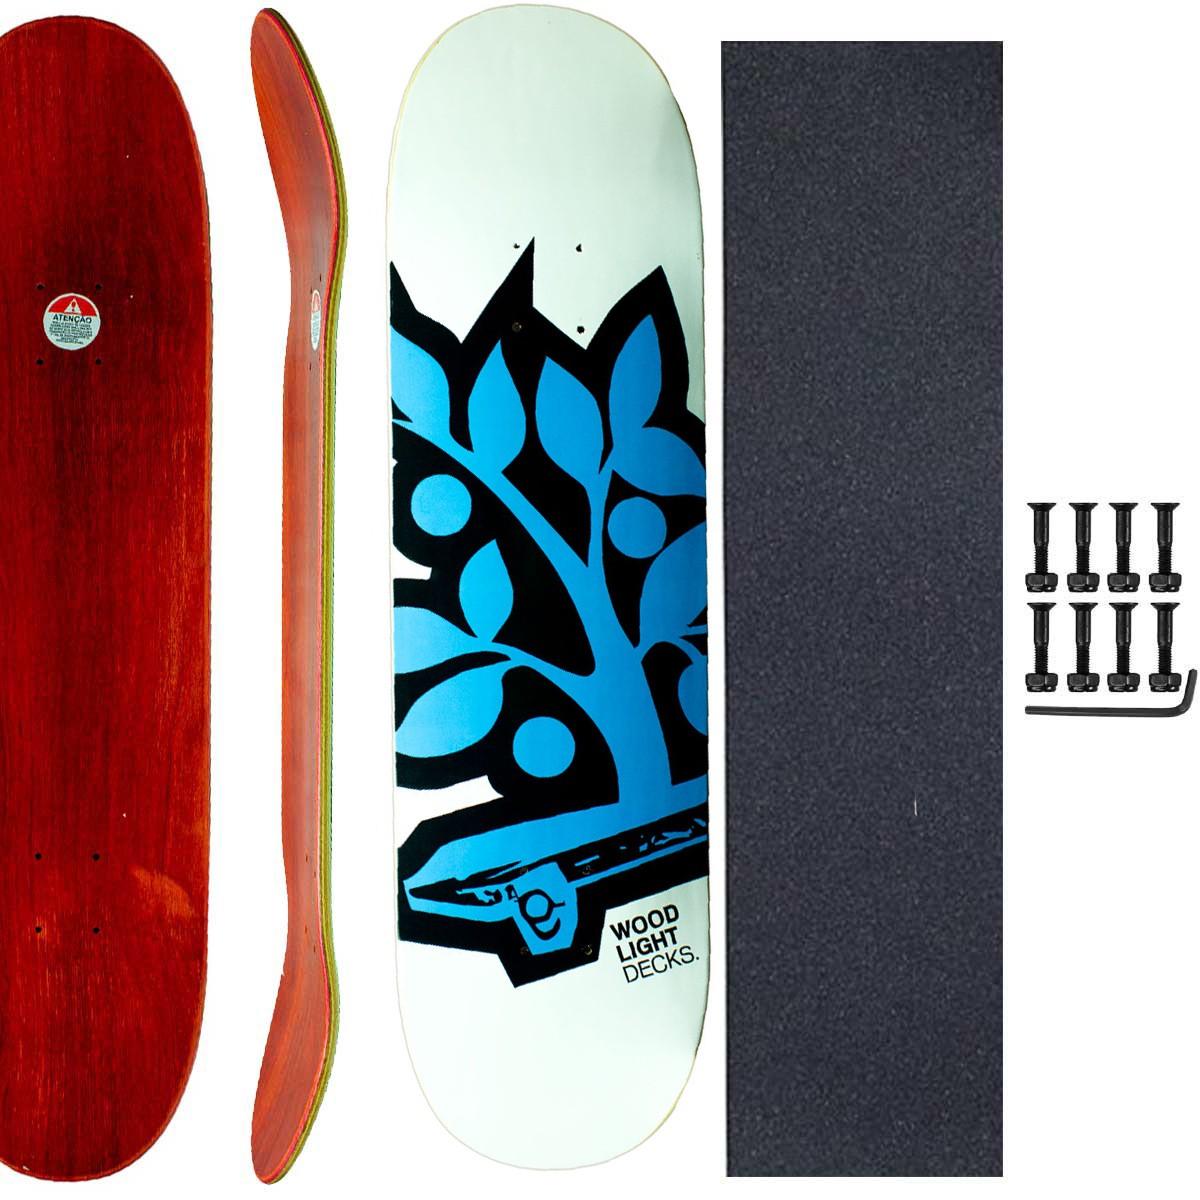 Shape Skate Wood Light 8.25 com Lixa Parafuso Base porca 10